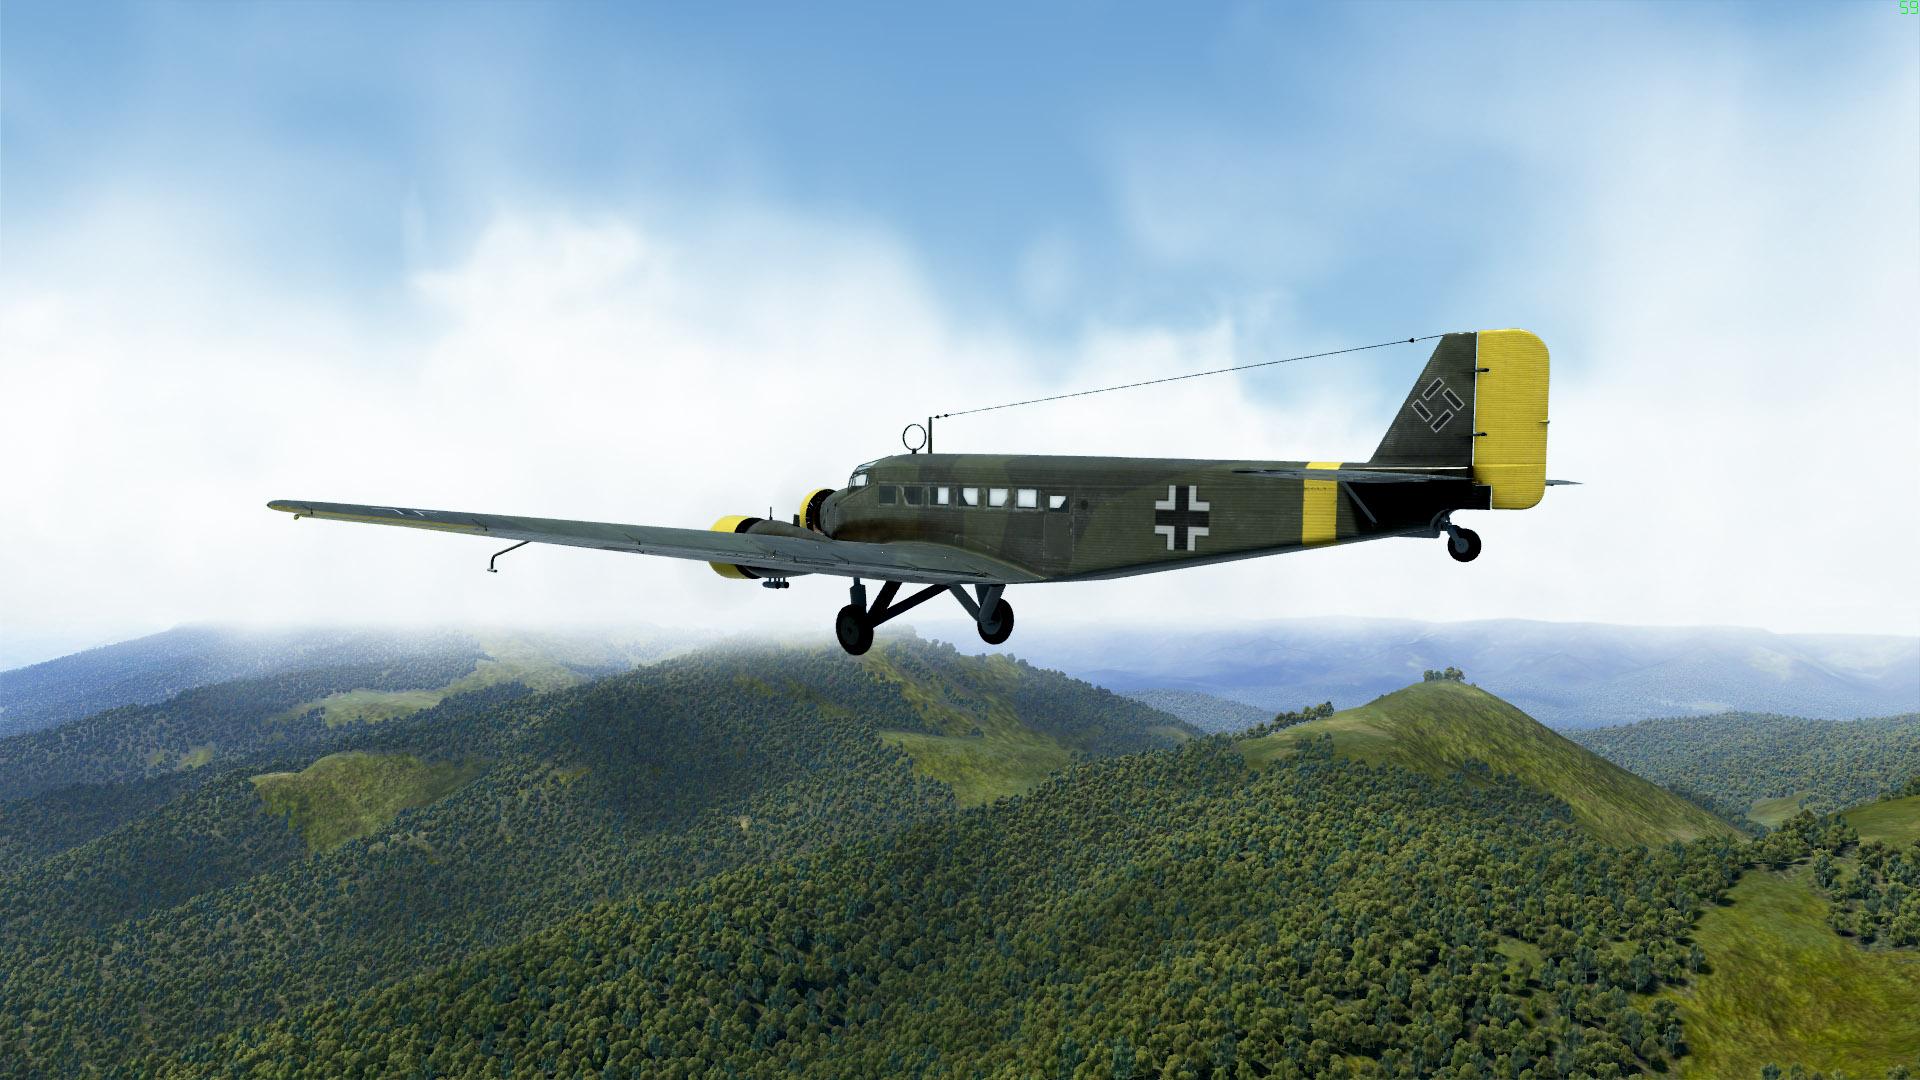 Vous êtes pacifiste (et patient)? Plutôt que des bombes, vous pouvez larguer des parachutistes, ou des caisses, depuis un Ju-52.